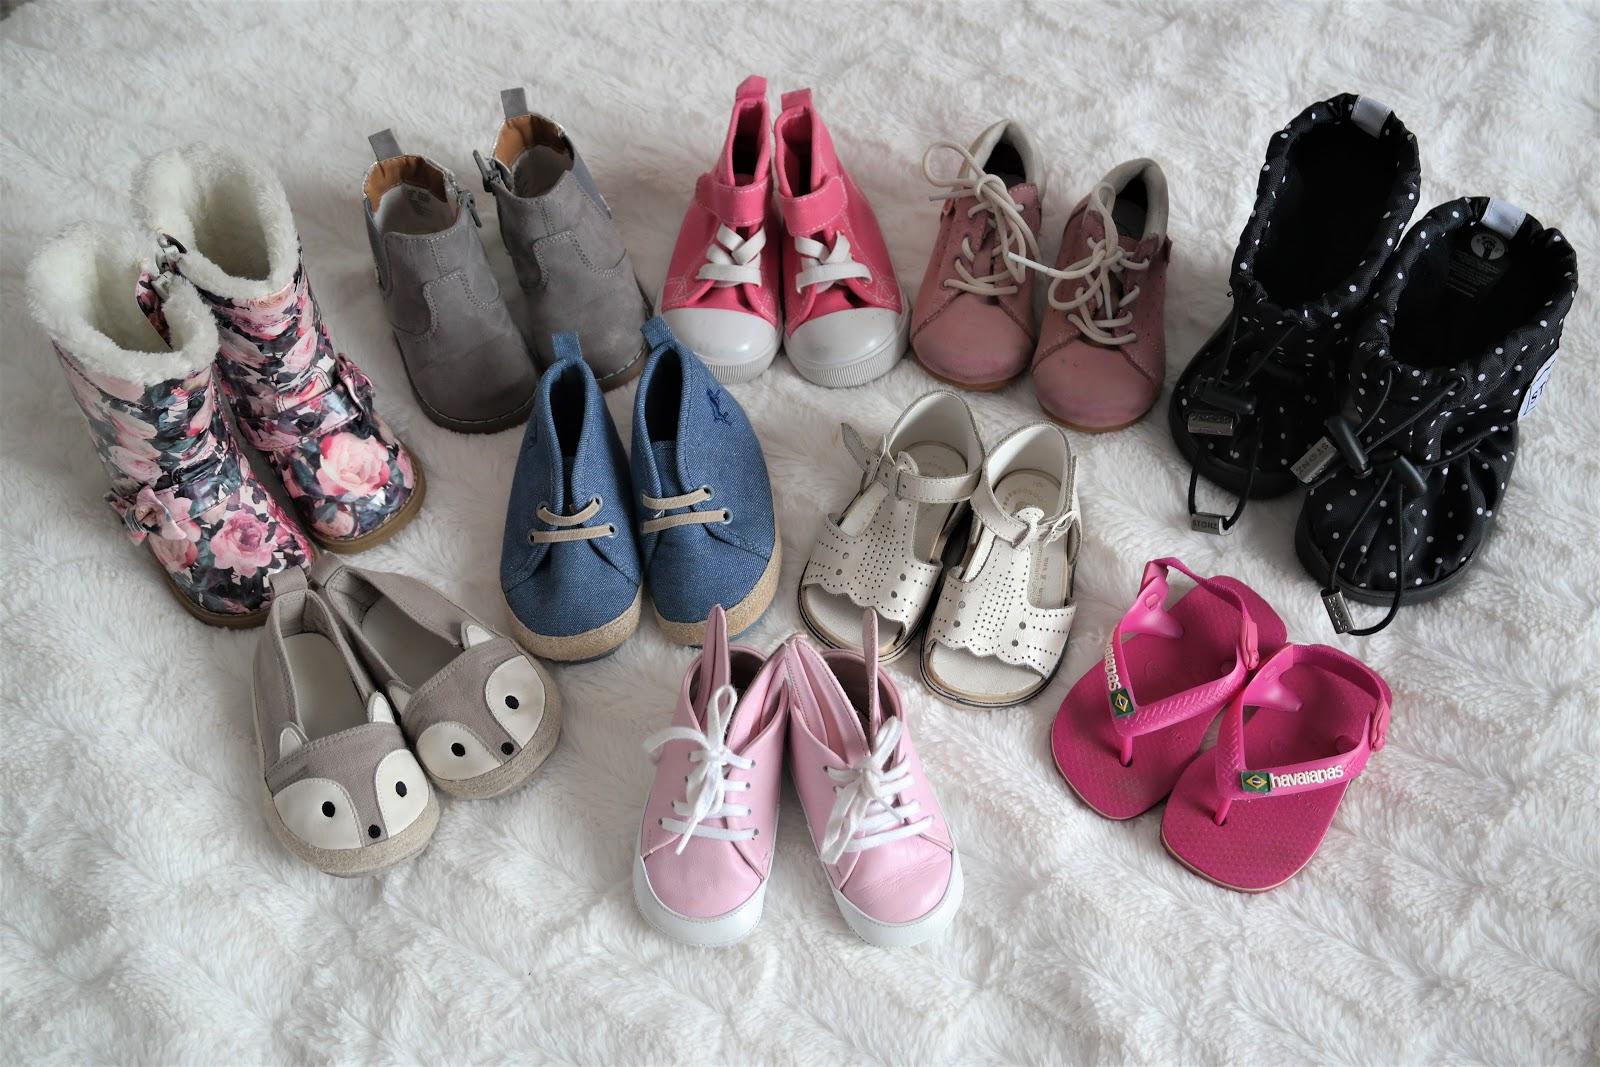 kuinka paljon kenkiä lapsi tarvitsee